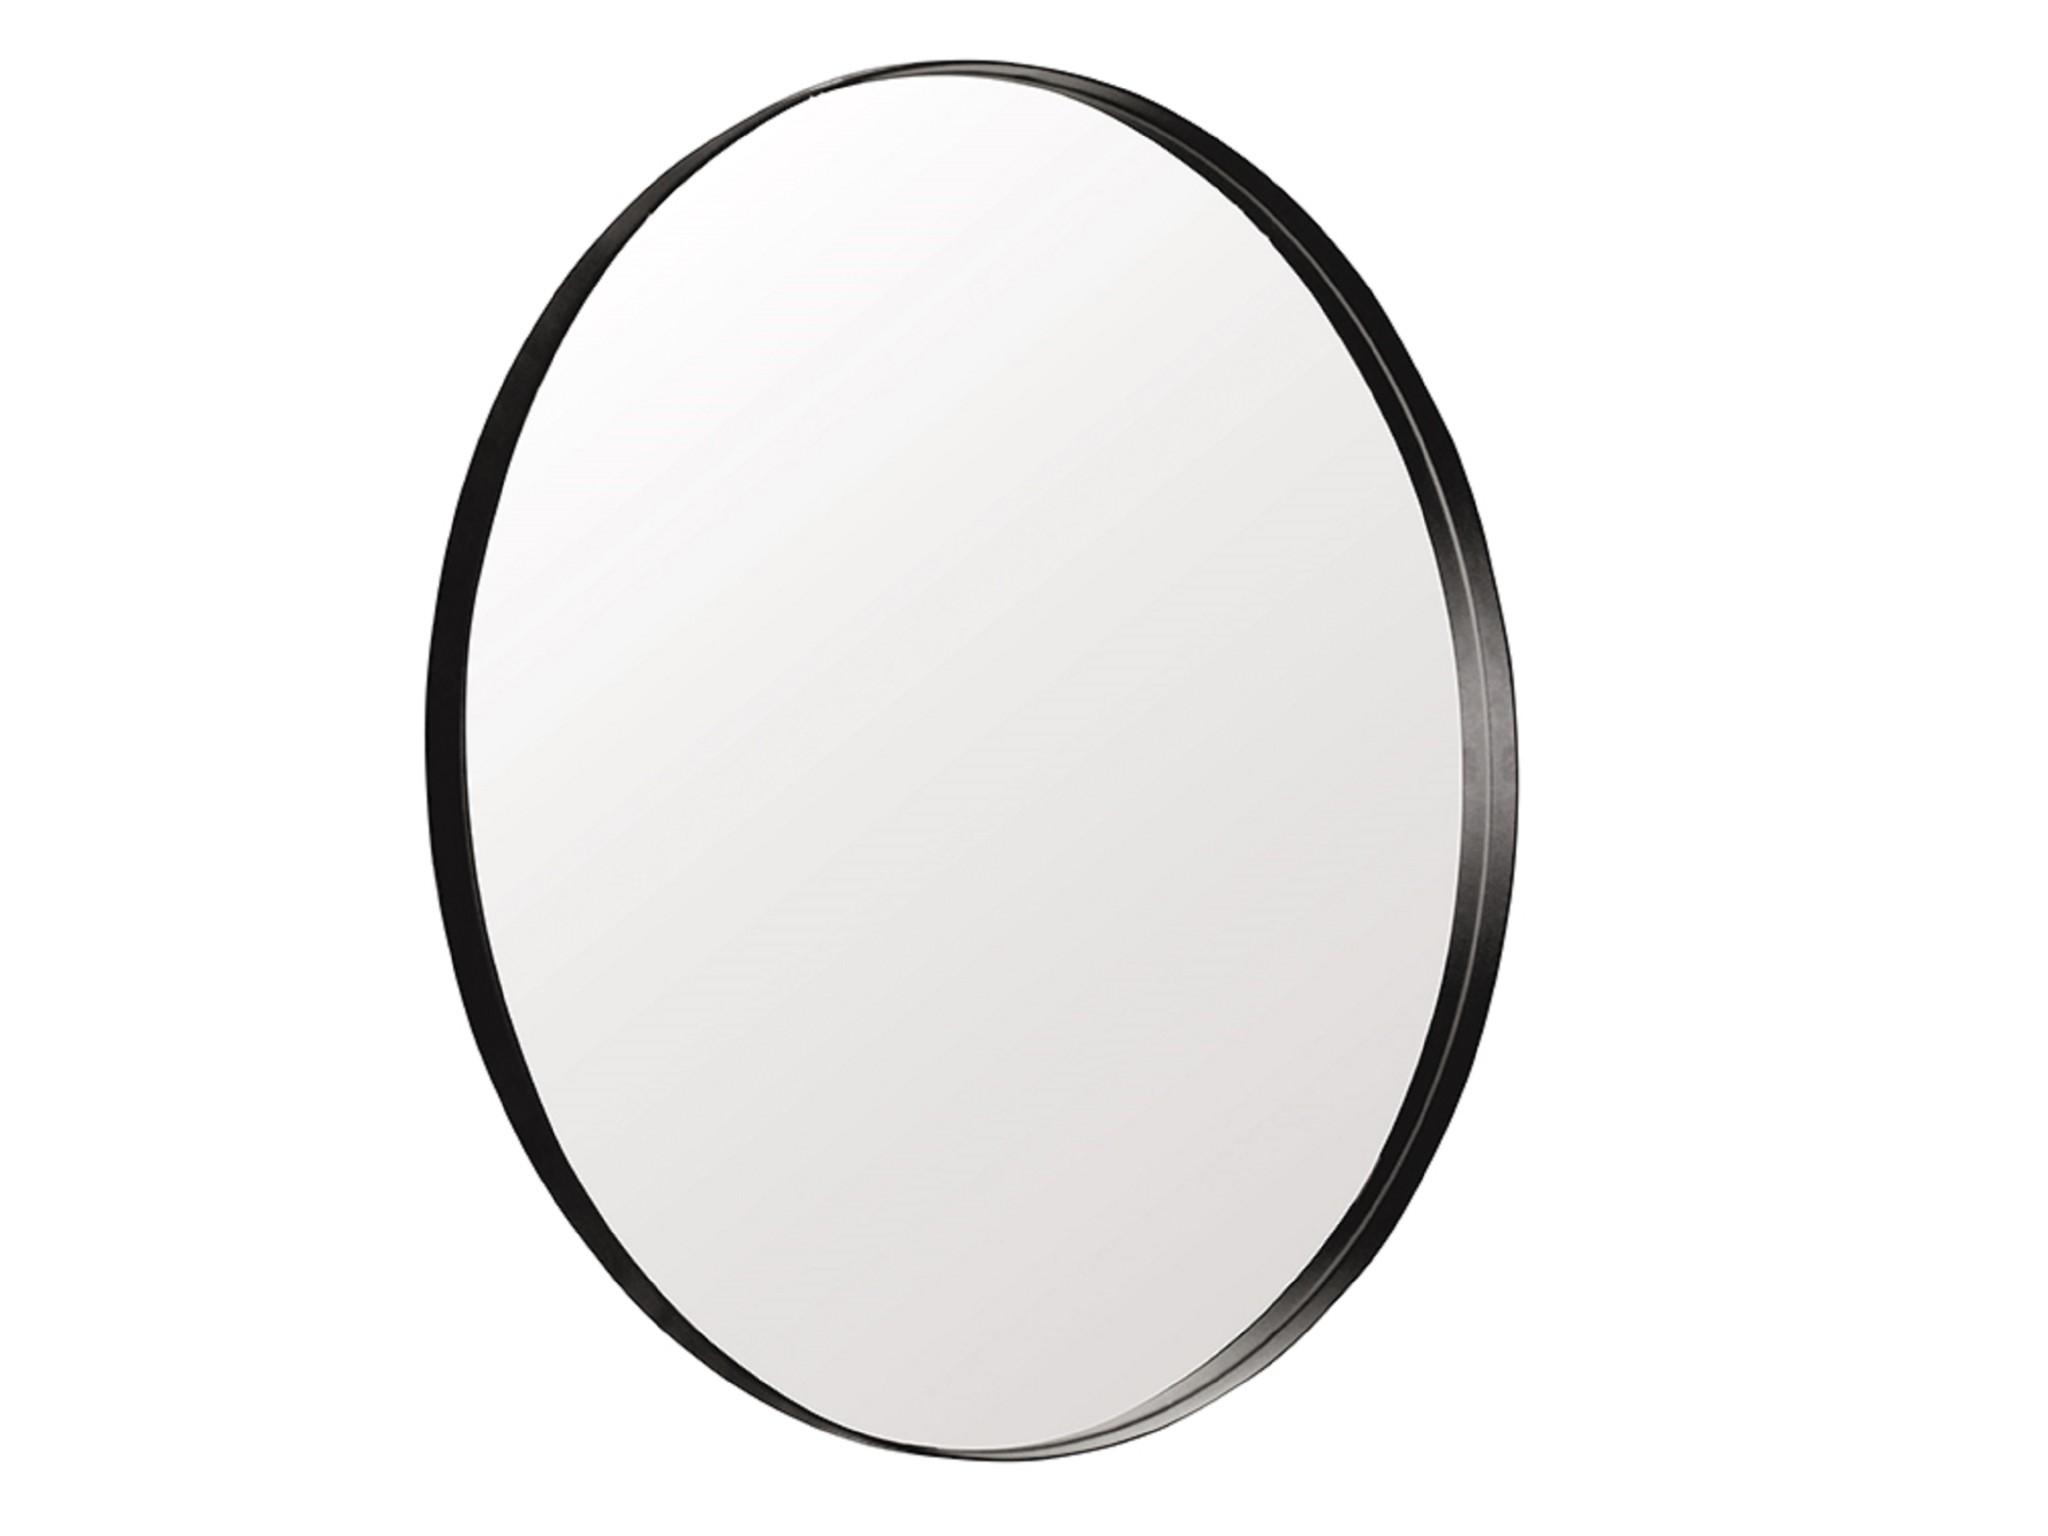 Настенное зеркало гала 90*90 (simple mirror) черный 4.0 см.